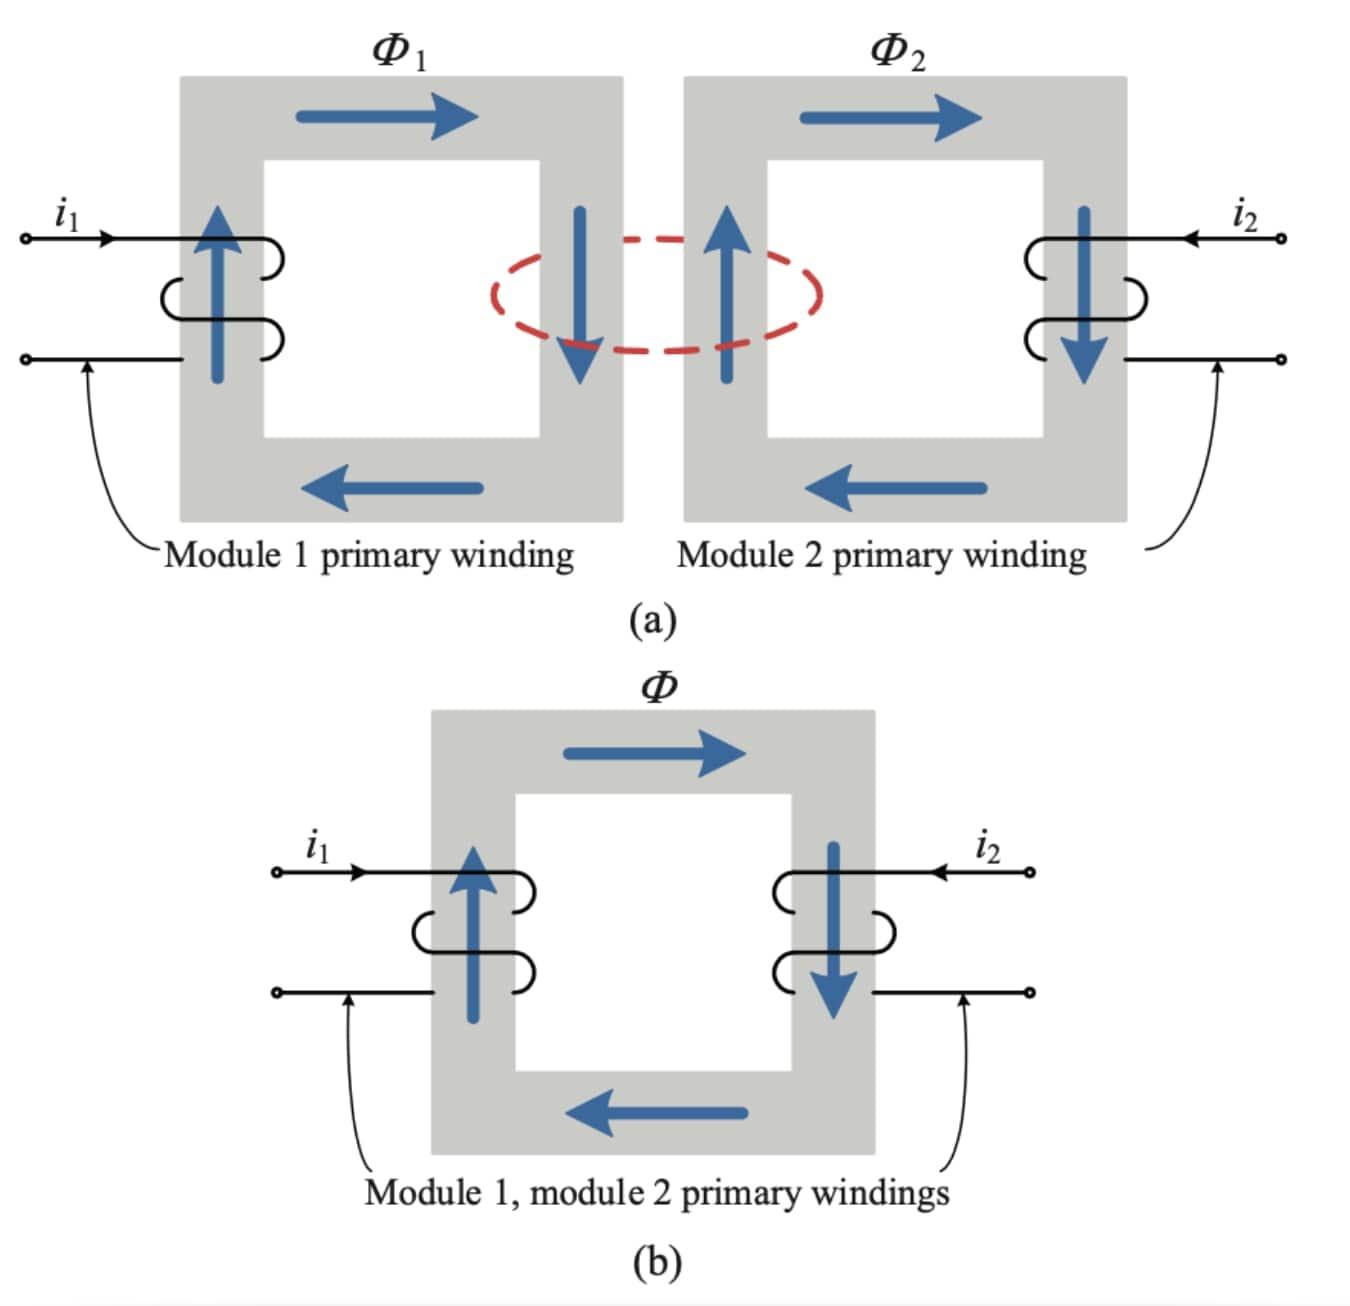 Module 1 & 2 Primary Windings